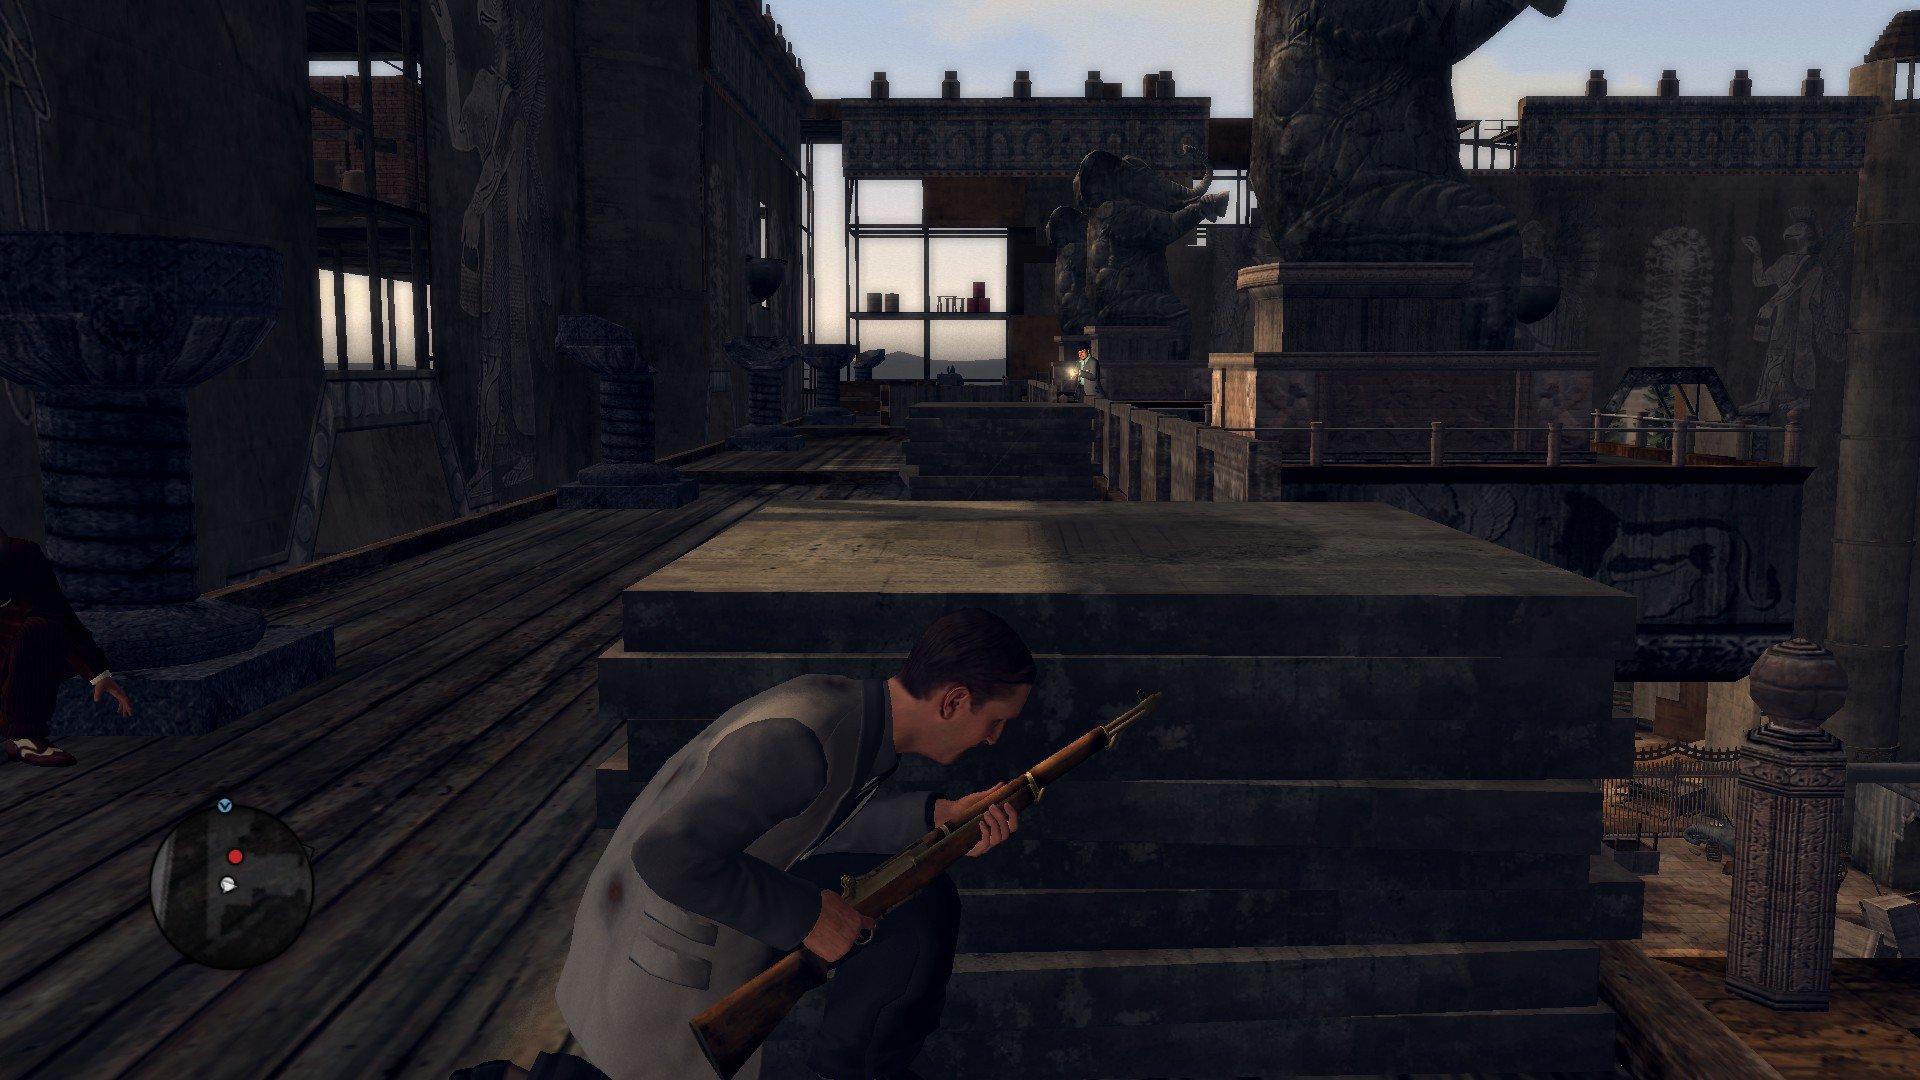 Пост-прохождение L.A. Noire Часть 5. - Изображение 50